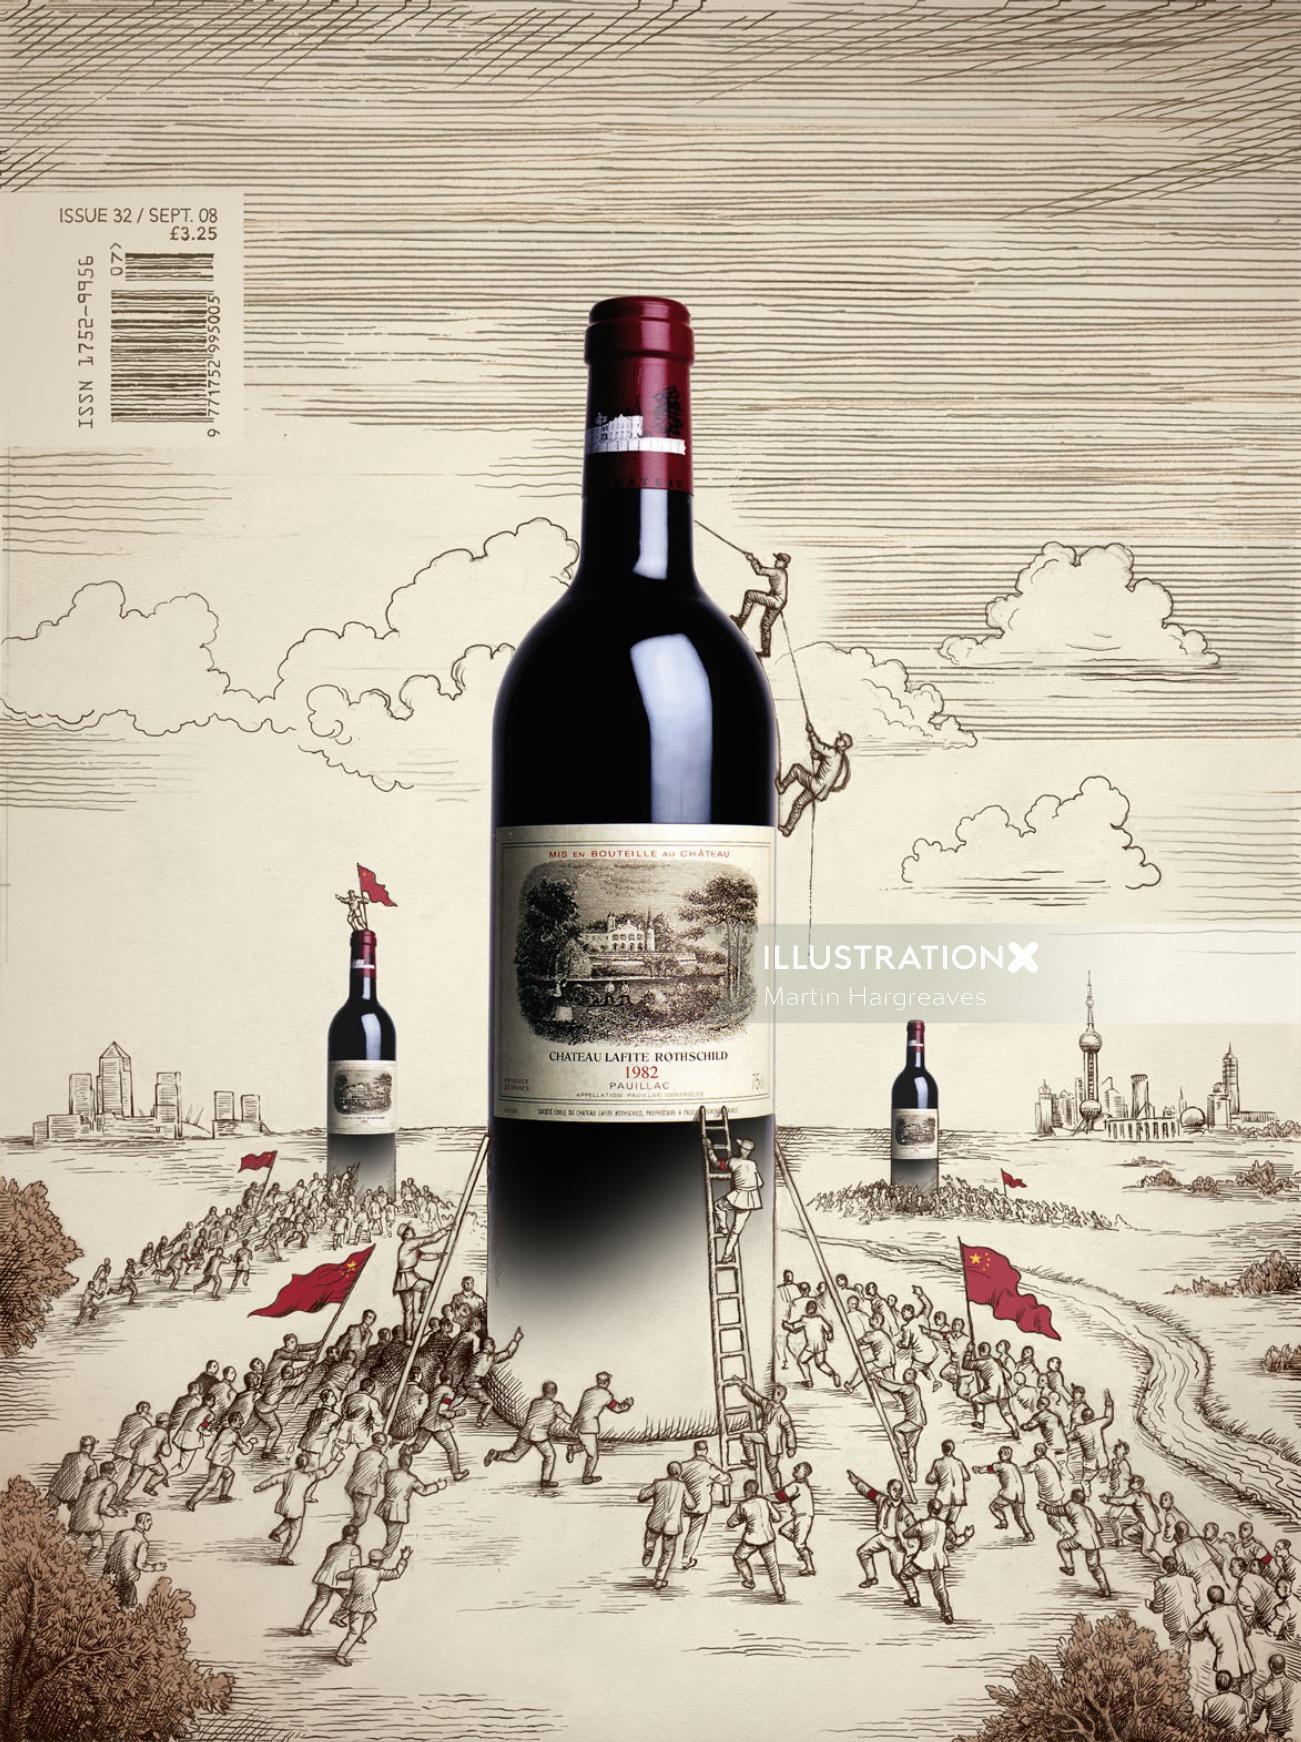 Food & Drink people climbing wine bottle